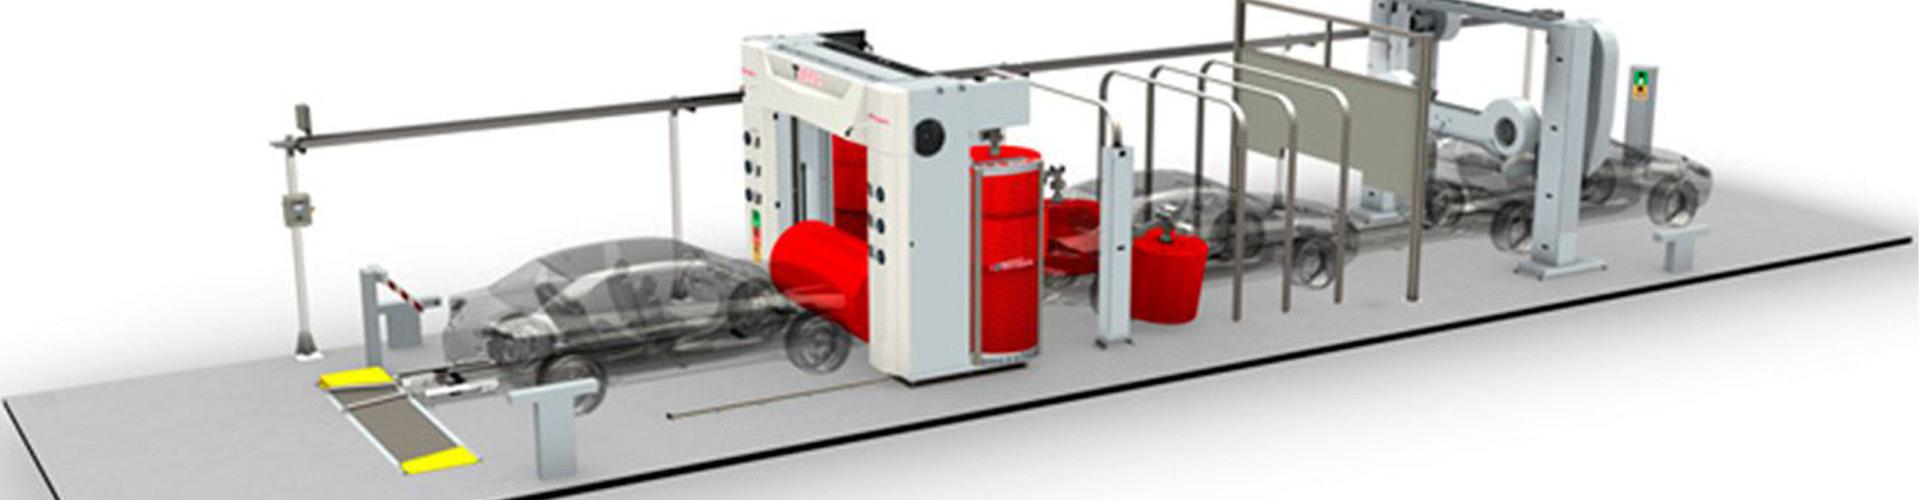 Macneil Car Wash Equipment >> Istobal TWASH automatic car wash tunnel machines